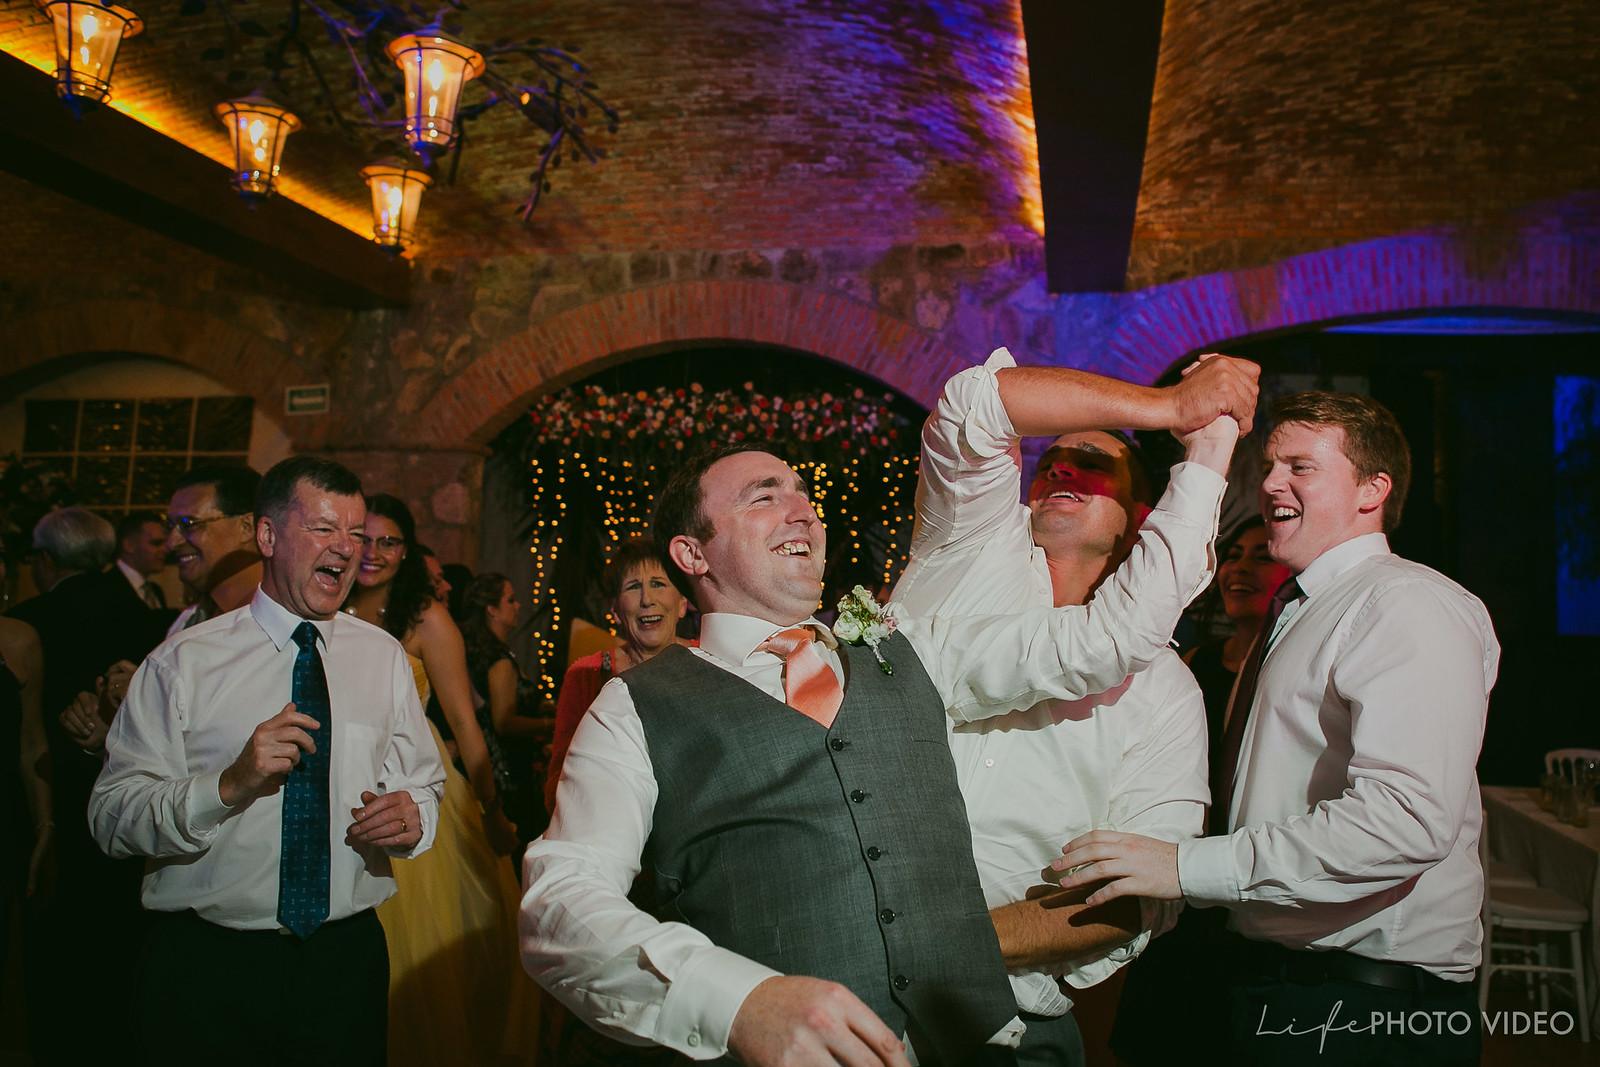 LifePhotoVideo_Boda_LeonGto_Wedding_0013.jpg